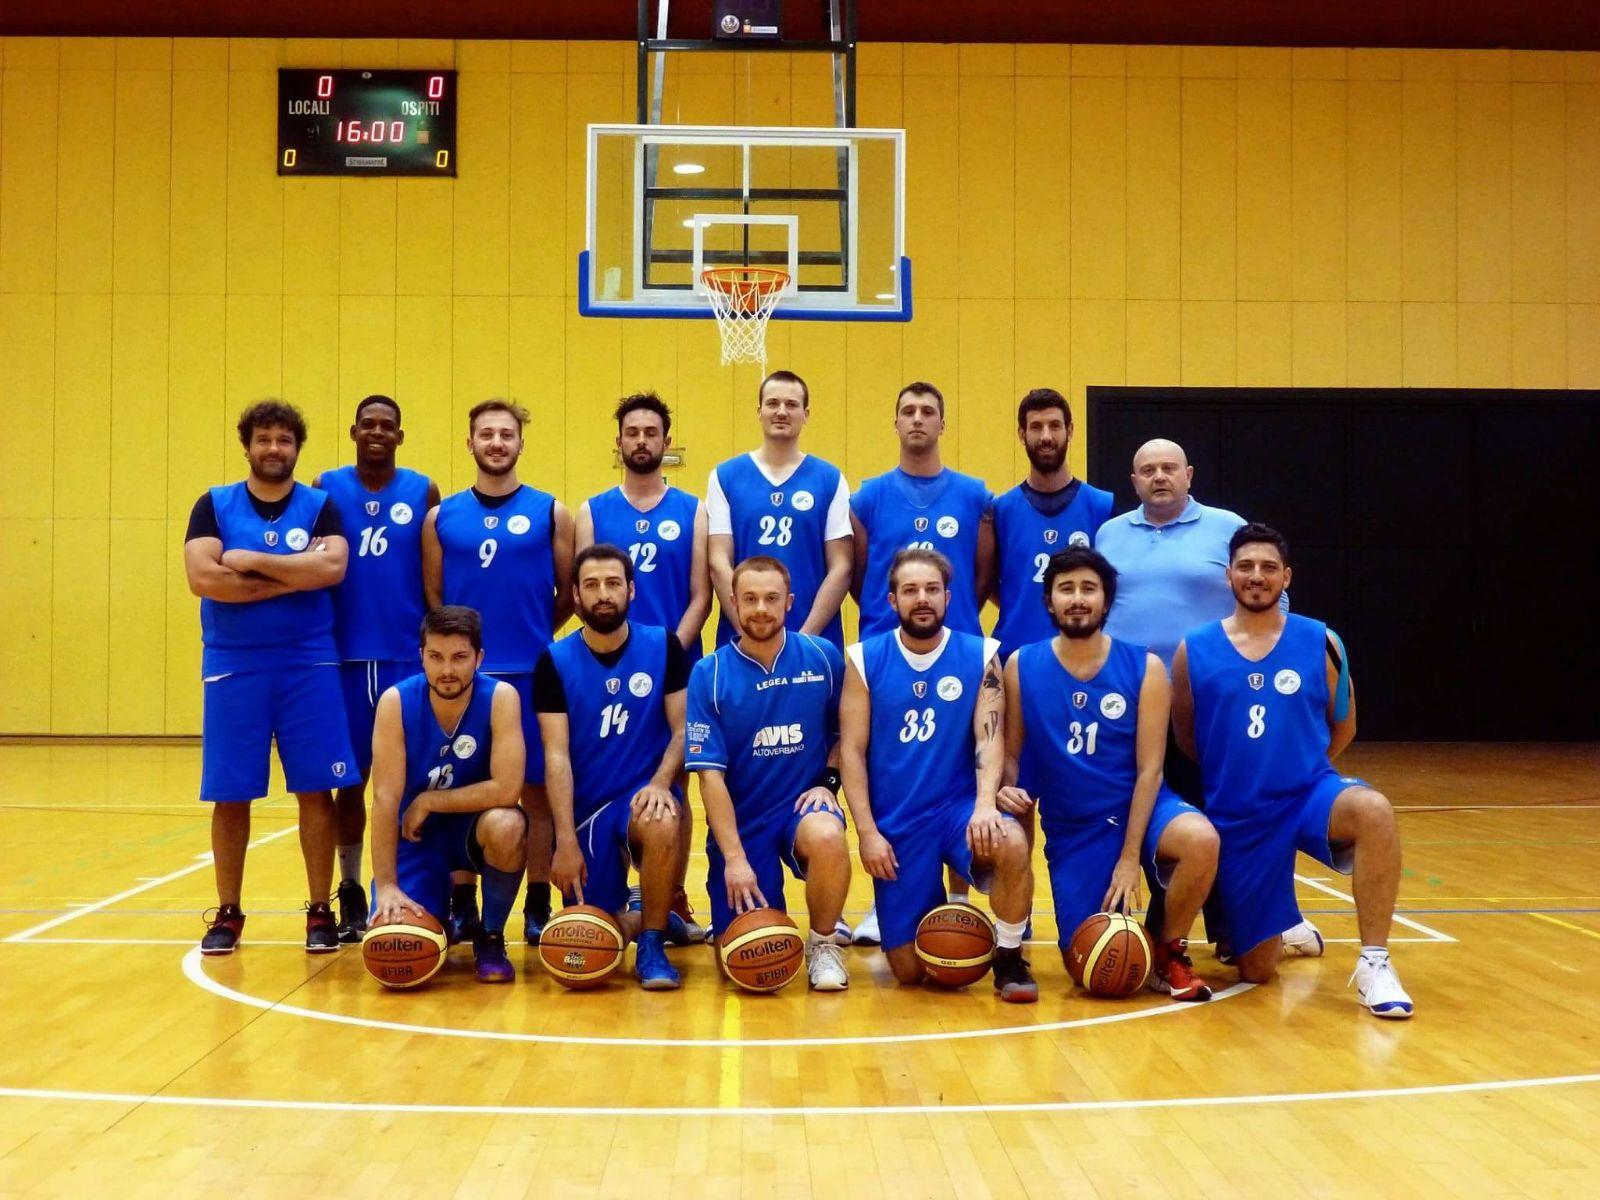 La corsa del Basket Verbano si ferma in semifinale: Appiano passa 60-55. A Sesto il trionfo finale